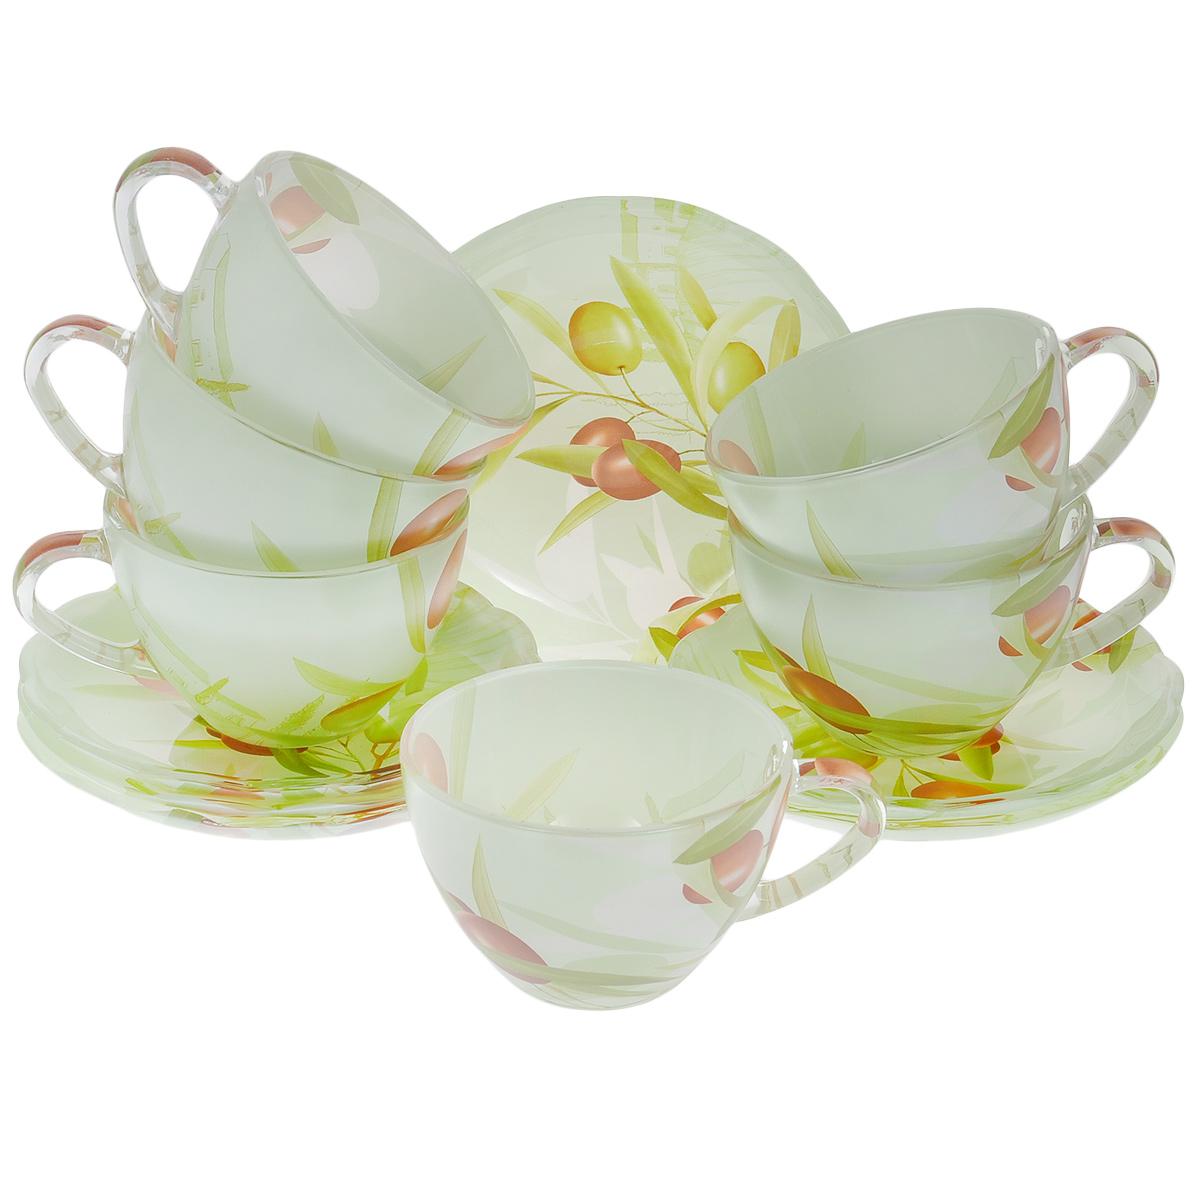 Набор посуды Оливки, 12 предметов115510Набор посуды состоит из 6 блюдец и 6 чашек. Изделия выполнены из высококачественного стекла и оформлены изображением ветки с оливками. Этот набор эффектно украсит стол, а также прекрасно подойдет для торжественных случаев. Красочность оформления придется по вкусу и ценителям классики, и тем, кто предпочитает утонченность и изящность.Объем чашки: 210 мл.